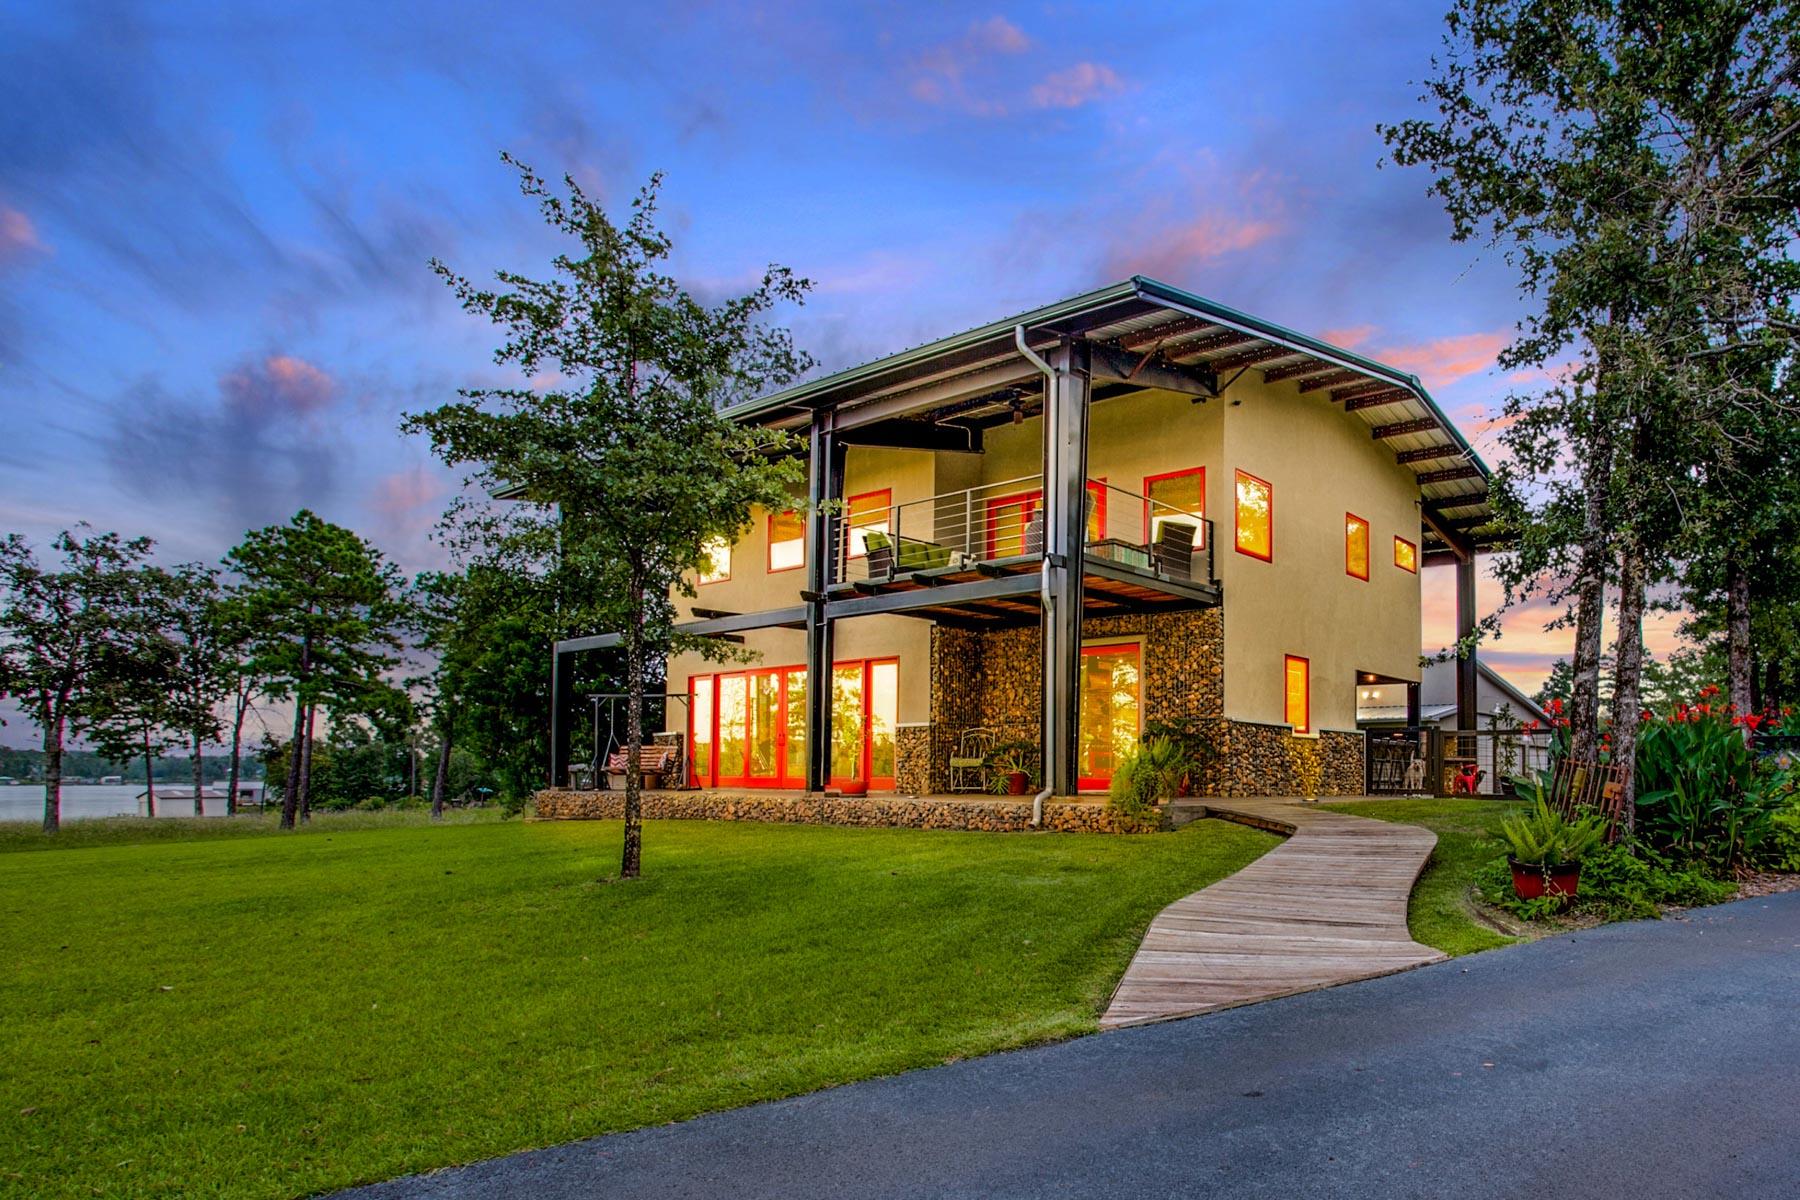 Частный односемейный дом для того Продажа на 3443 CR 3420 3443 County Road 3420, Hawkins, Техас, 75765 Соединенные Штаты